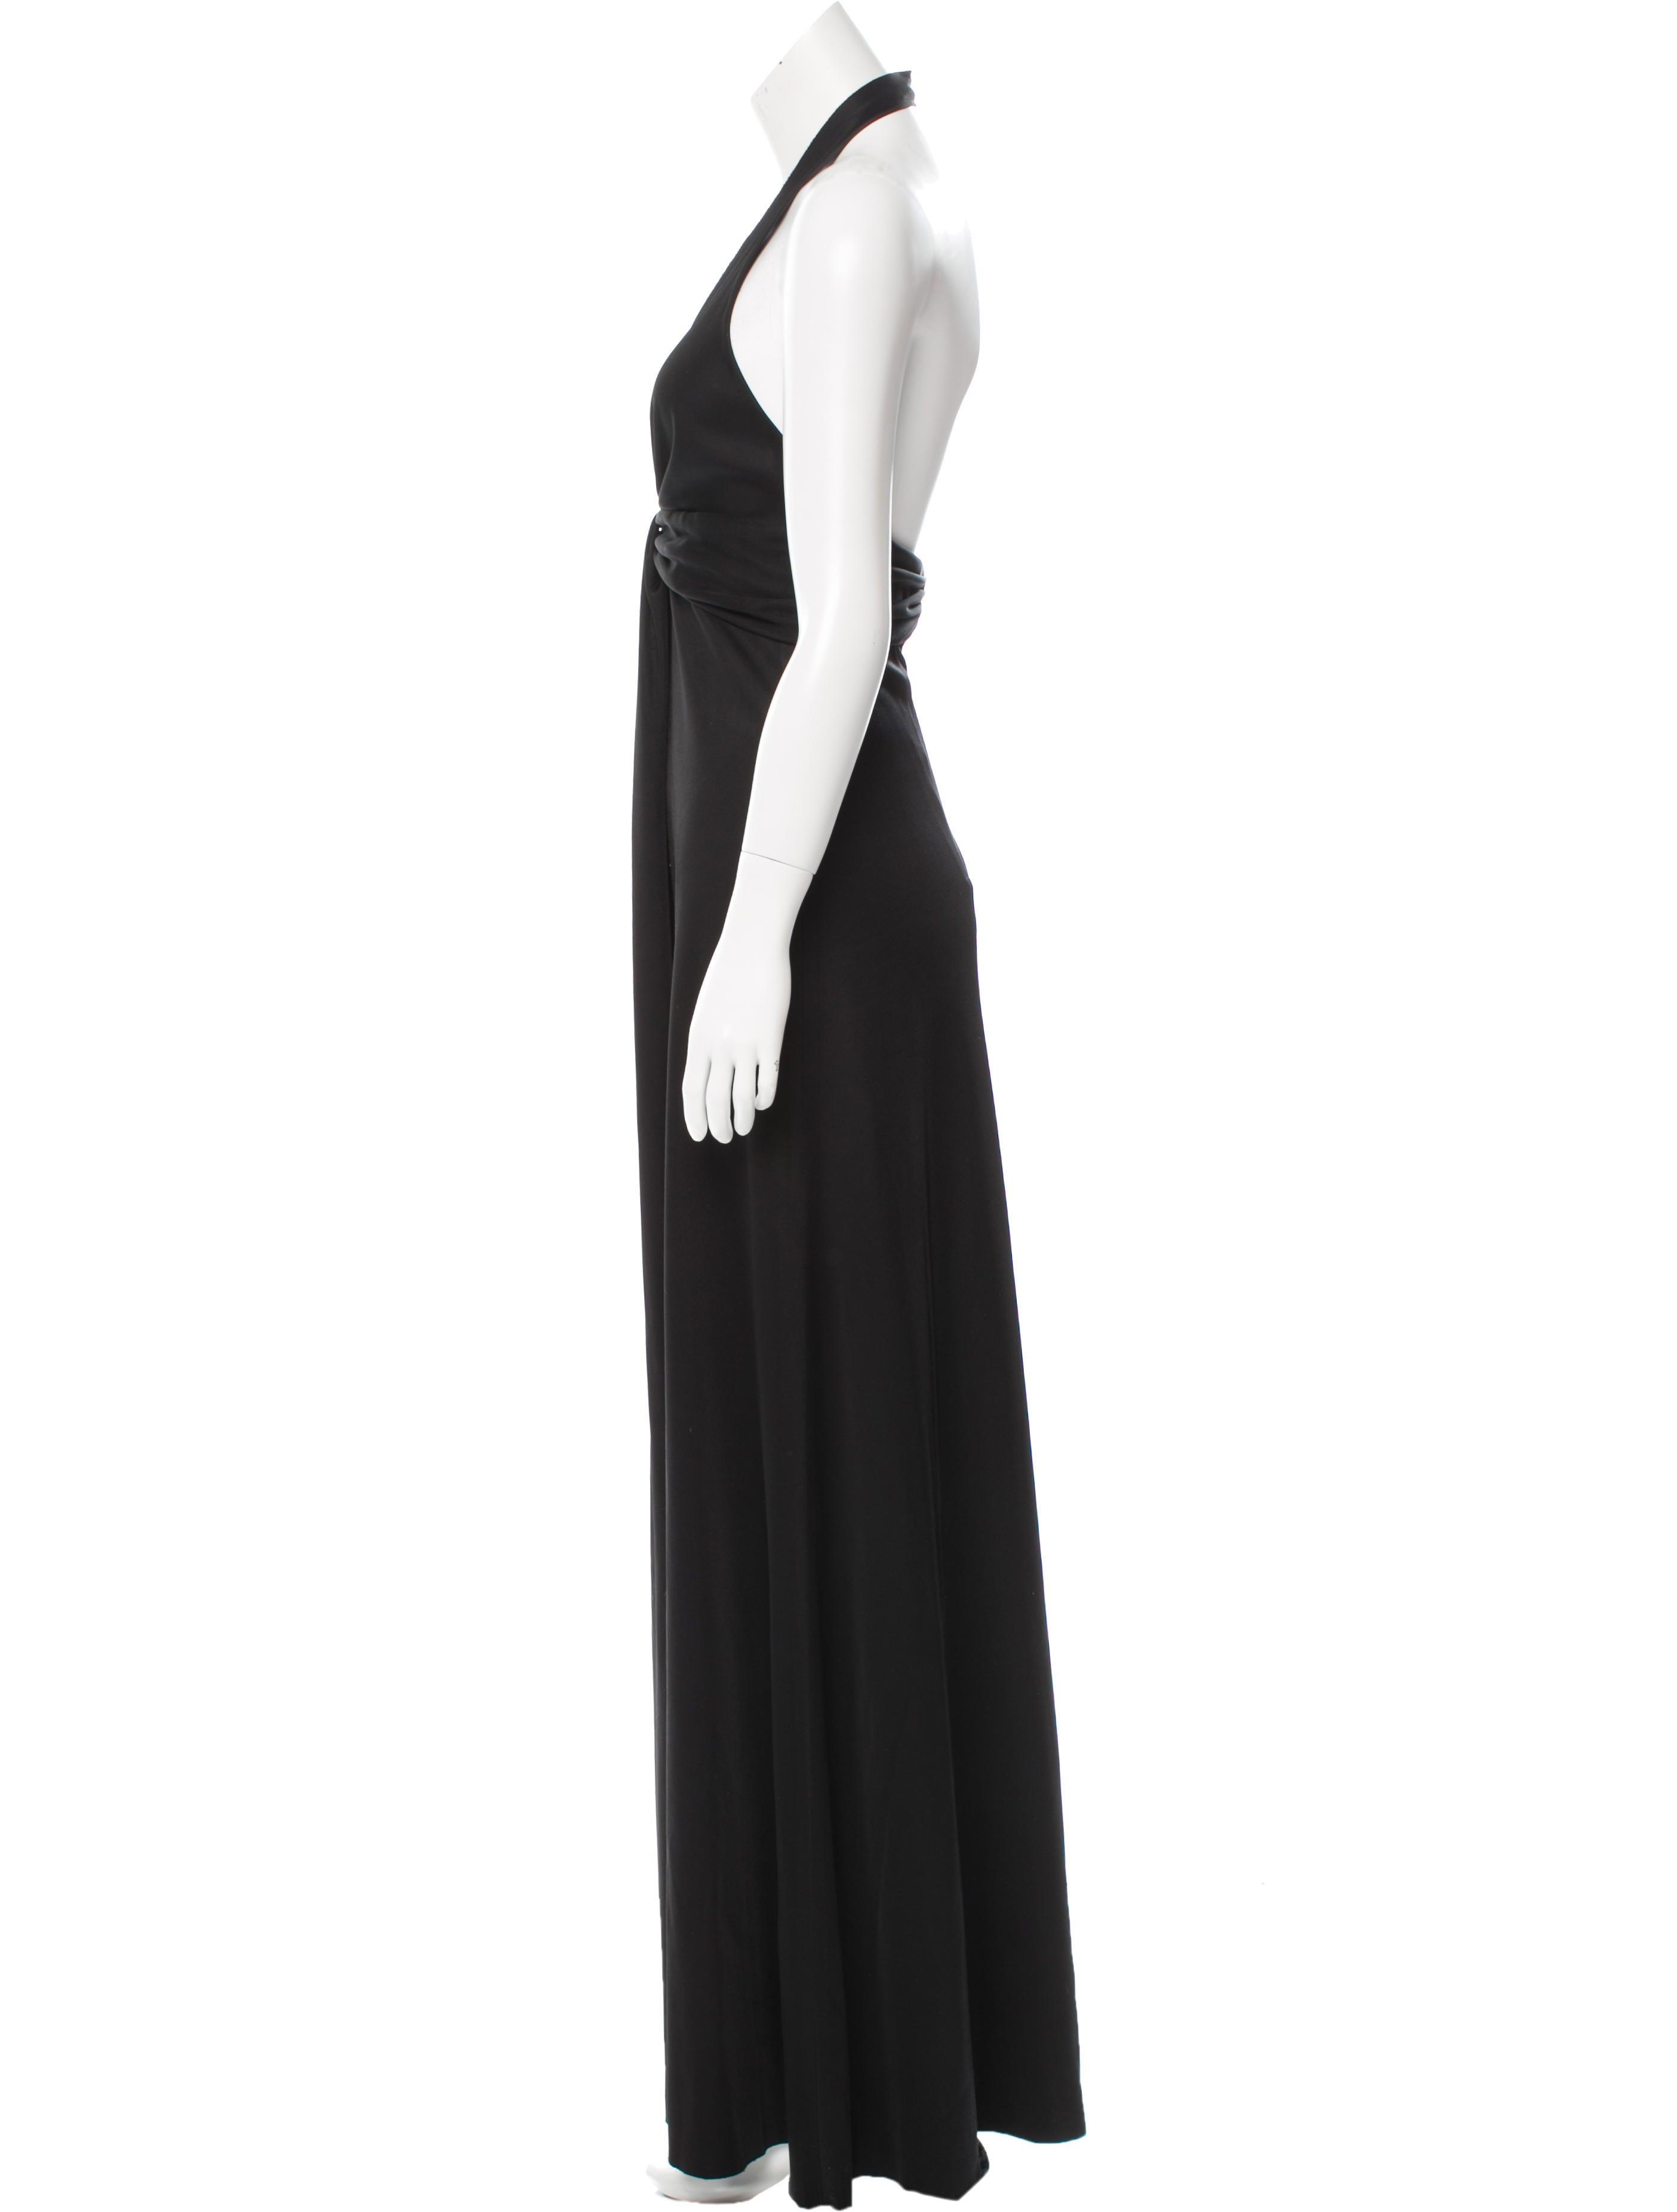 Balenciaga Black Halter Gown - Clothing - BAL45683   The RealReal